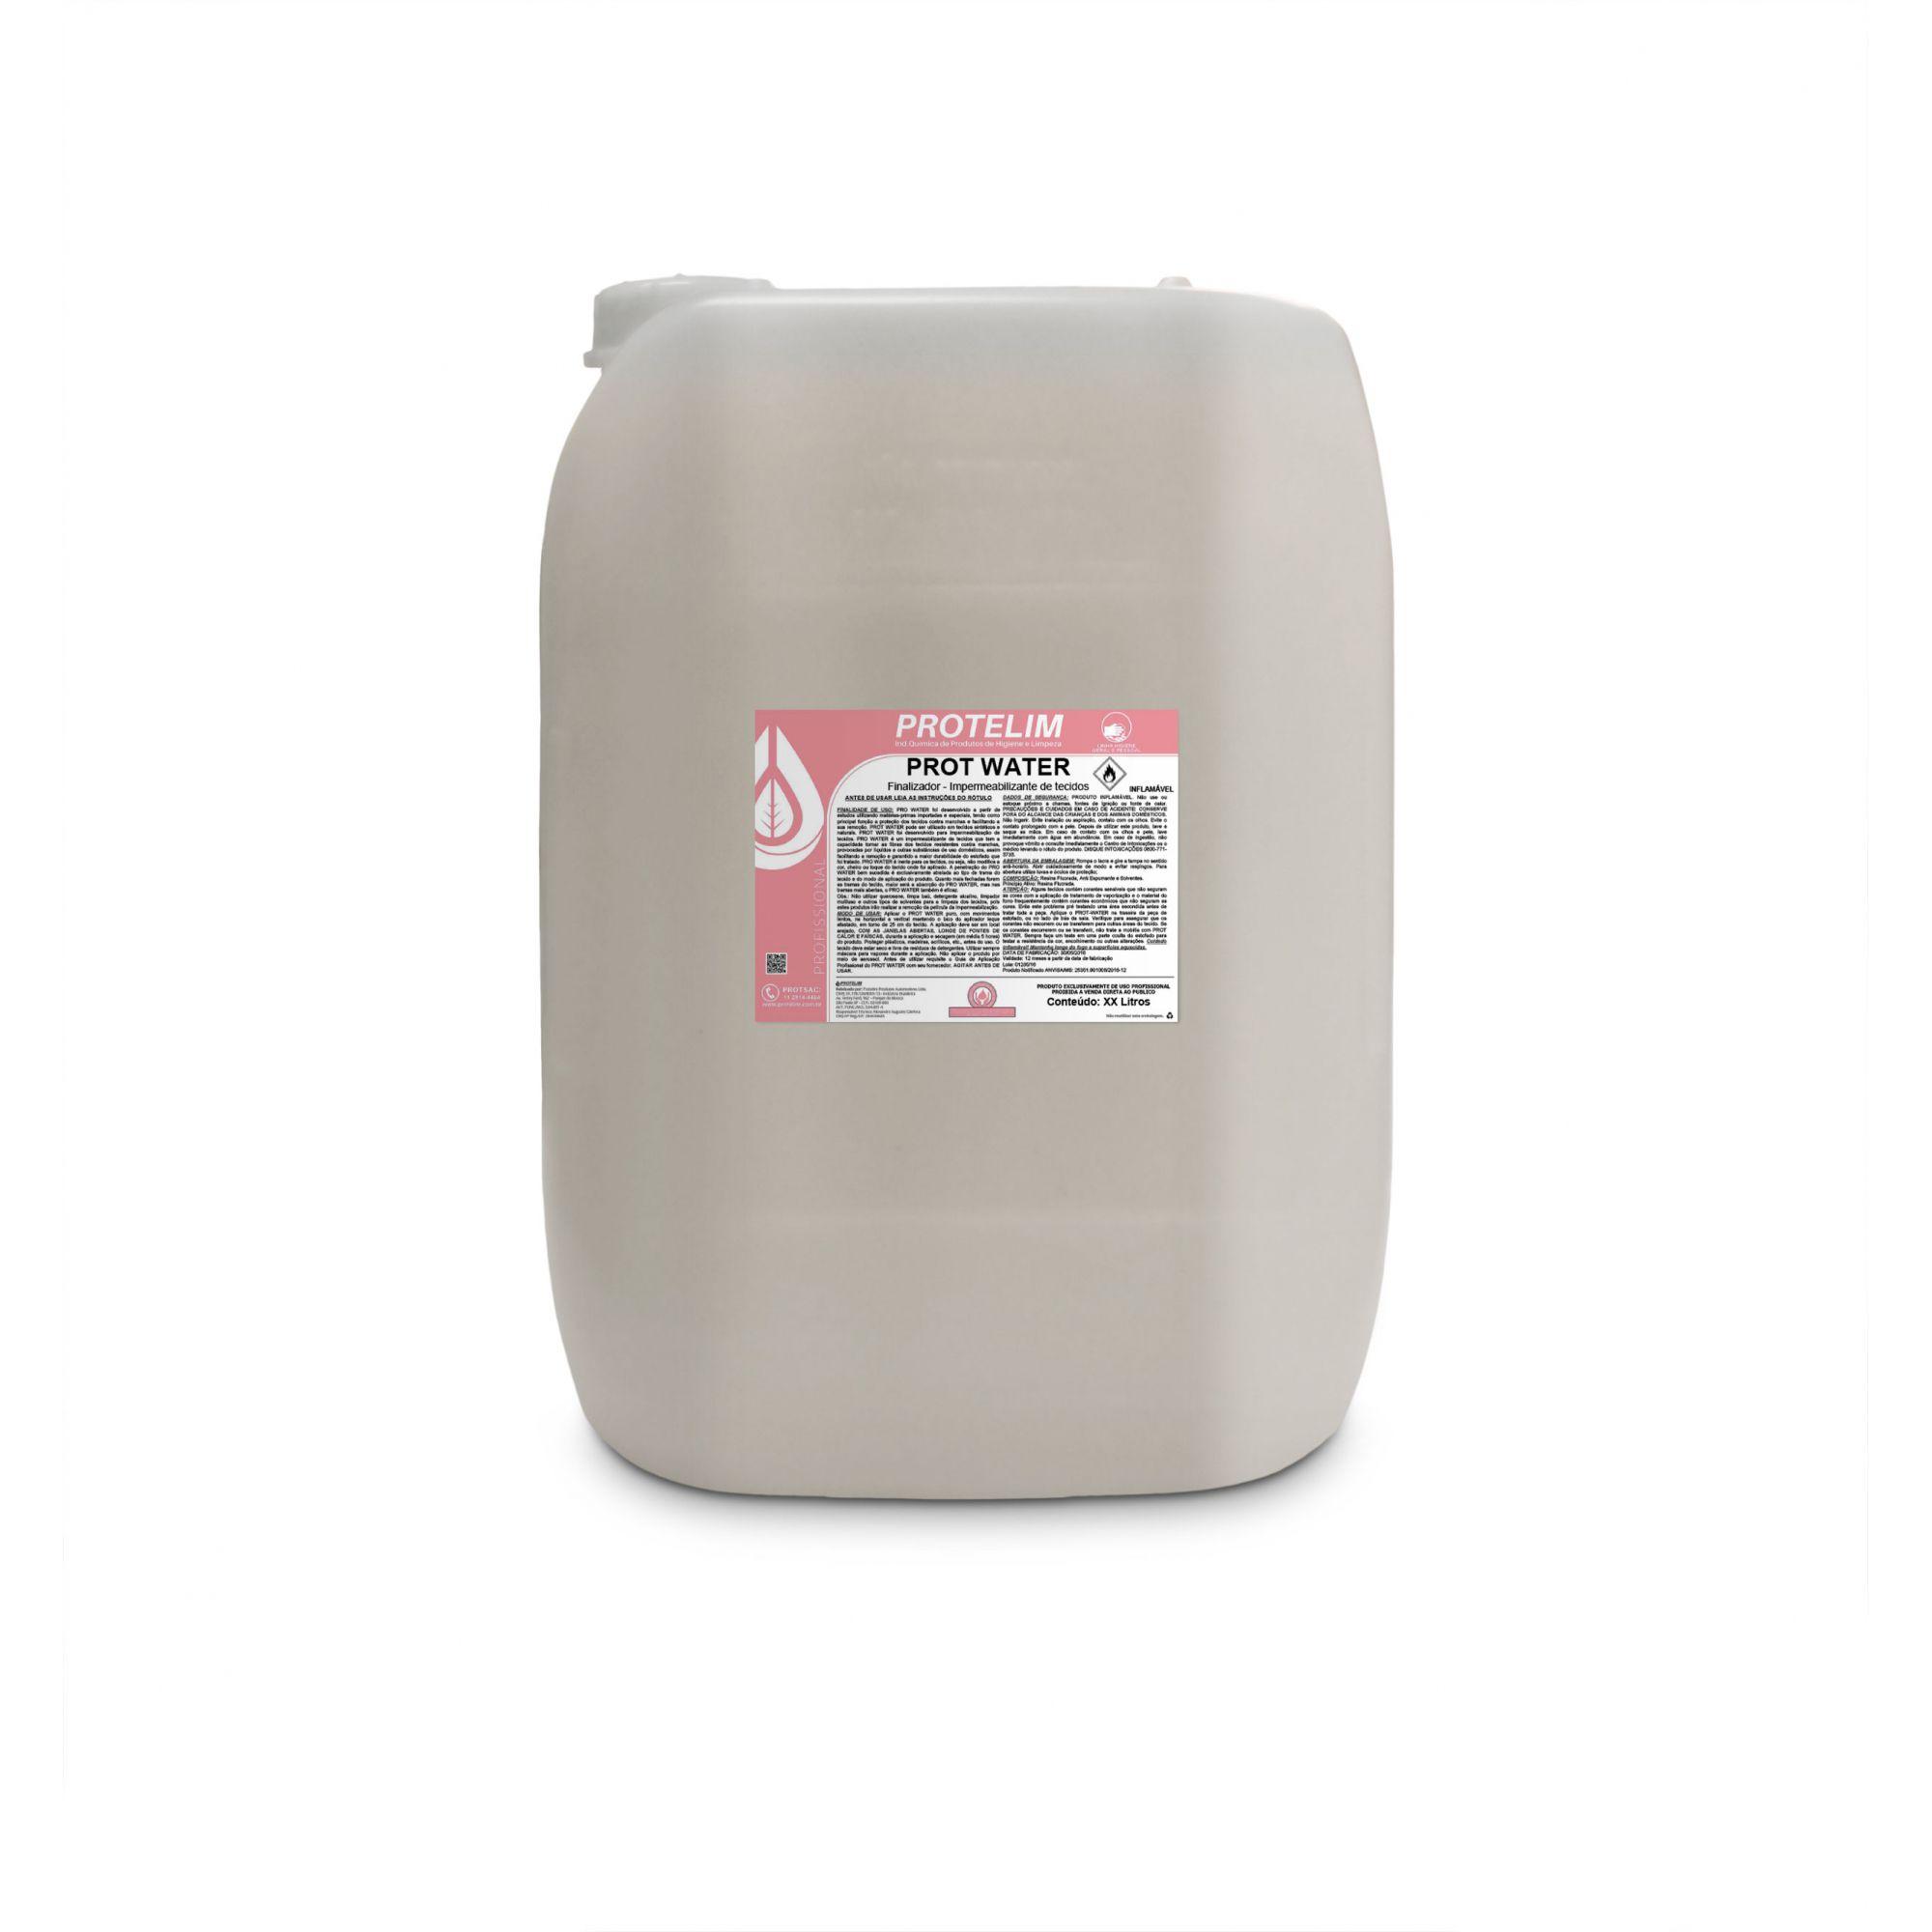 Impermeabilizante de Tecido Prot Water PROTELIM 20L